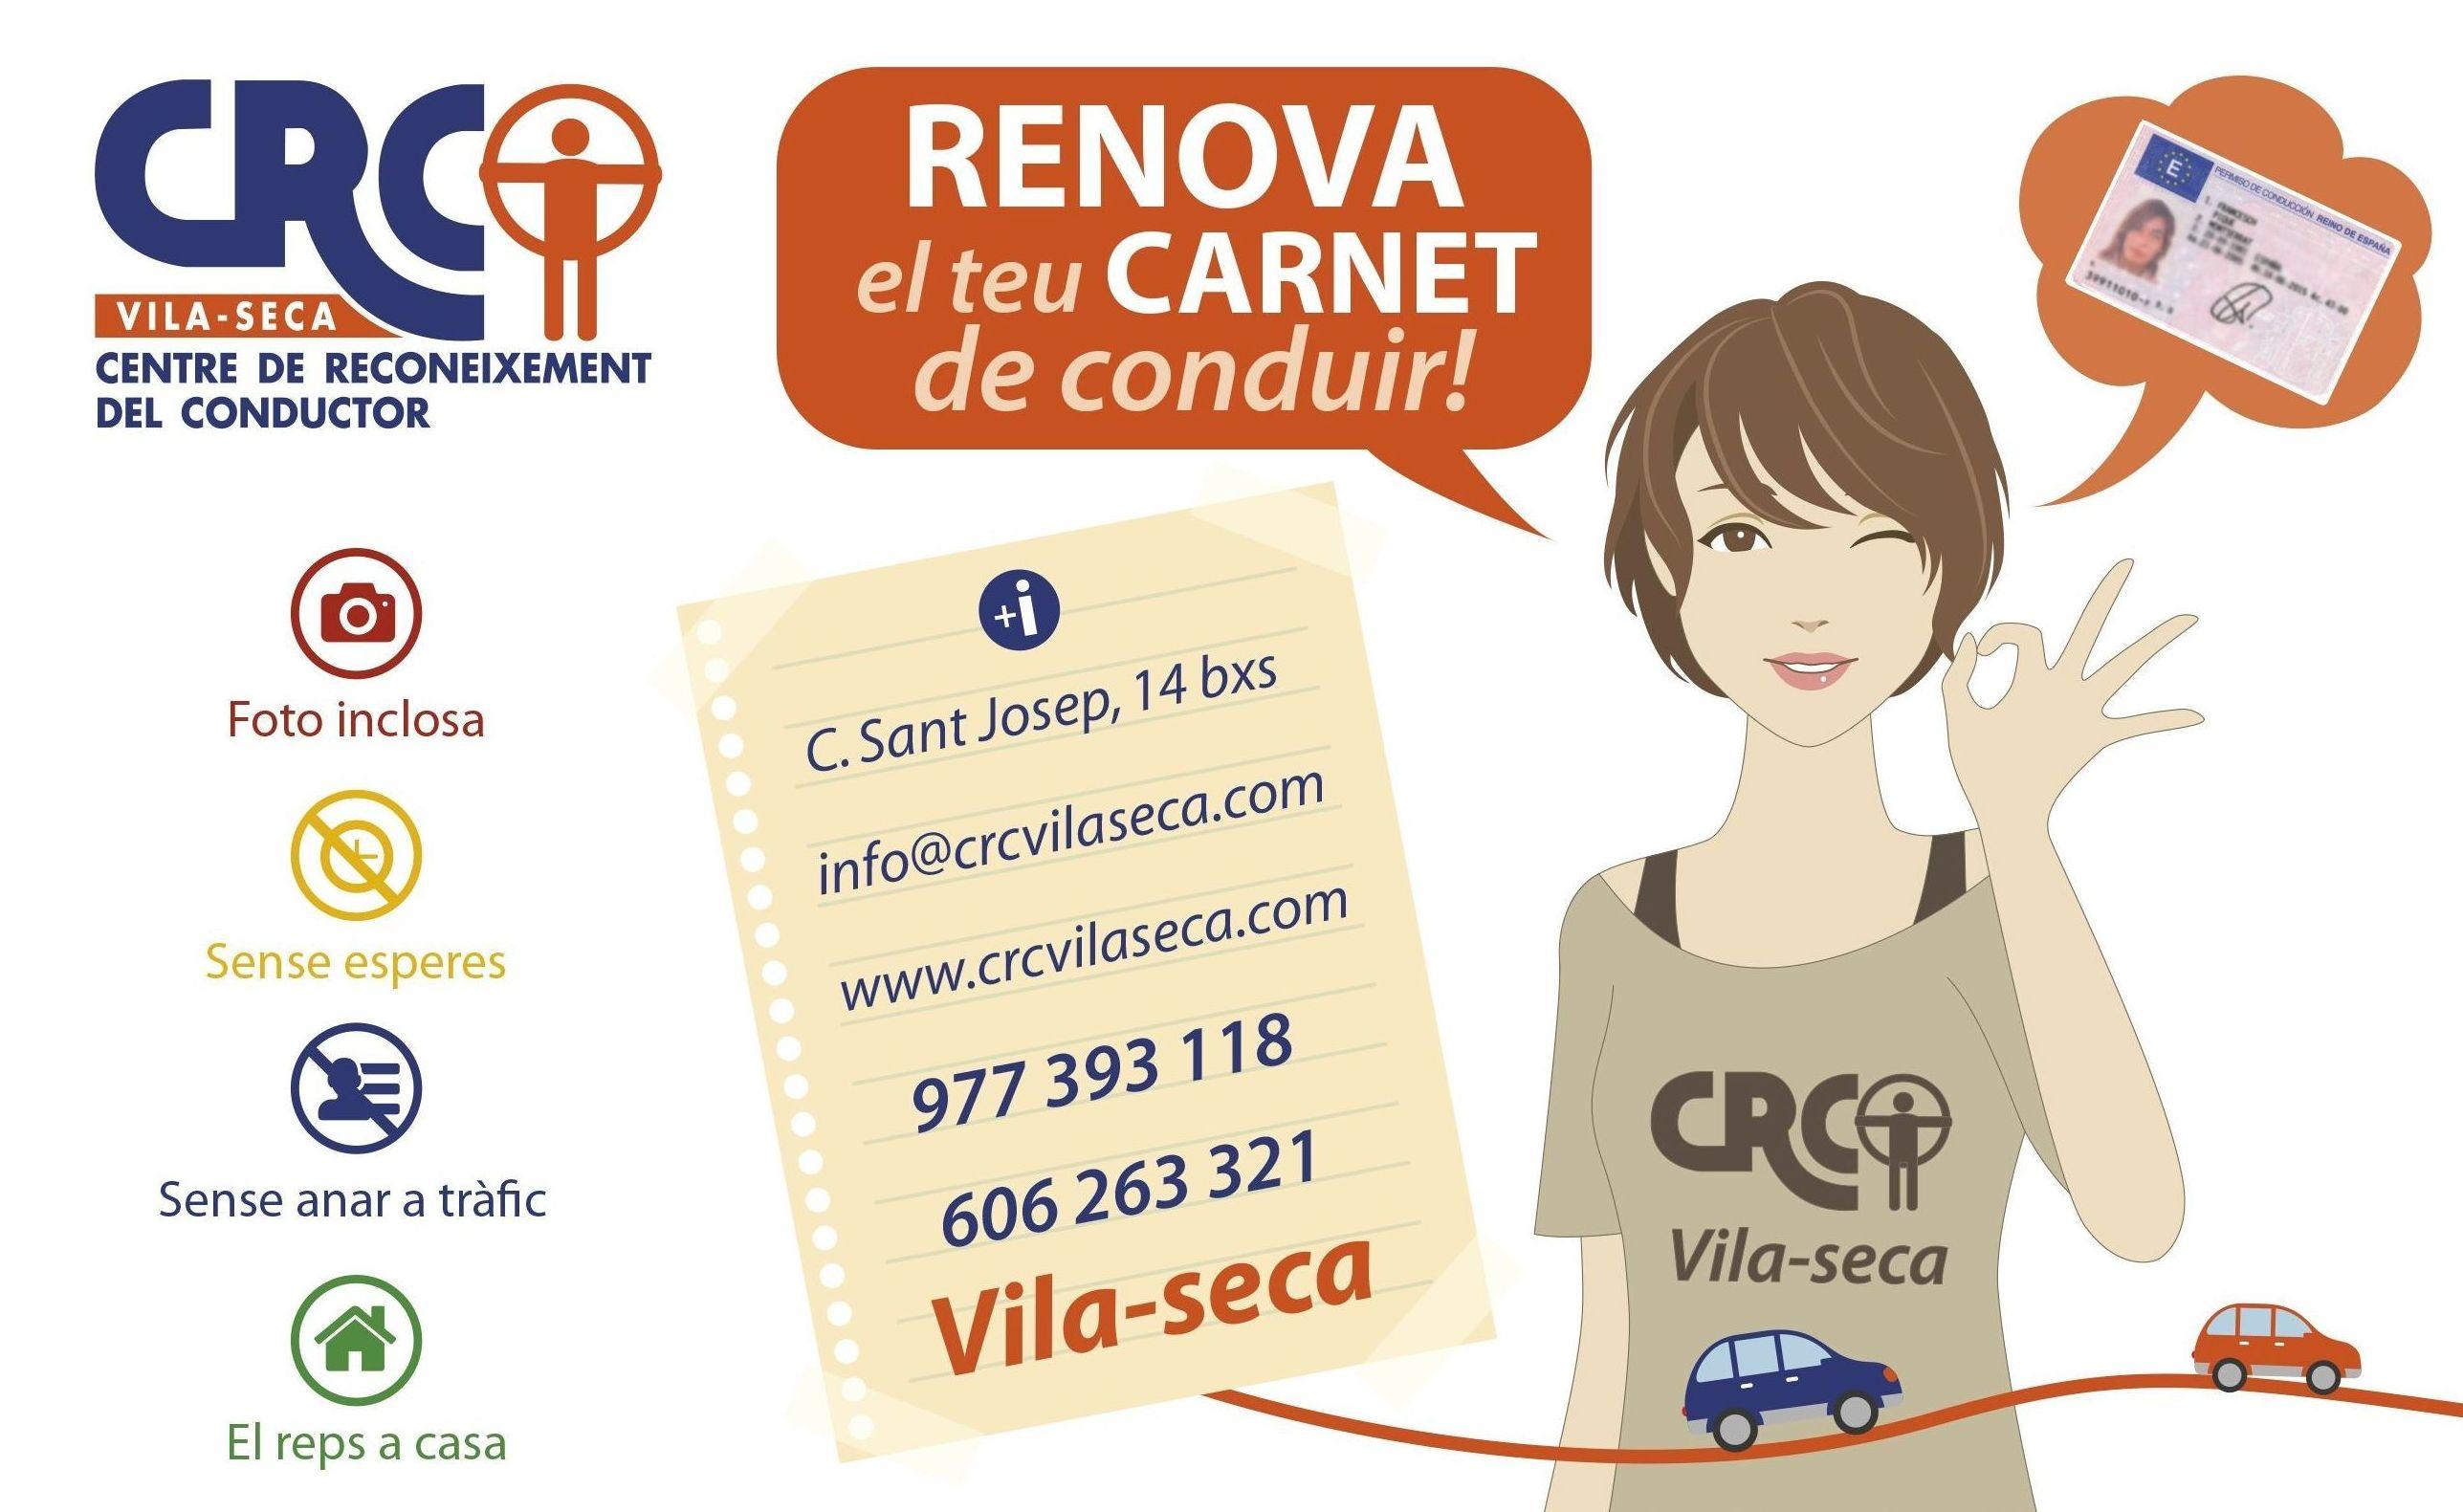 Foto 15 de Reconocimientos y certificados médicos en Vila-seca | CENTRE DE RECONEIXEMENT DEL CONDUCTOR DE VILA-SECA